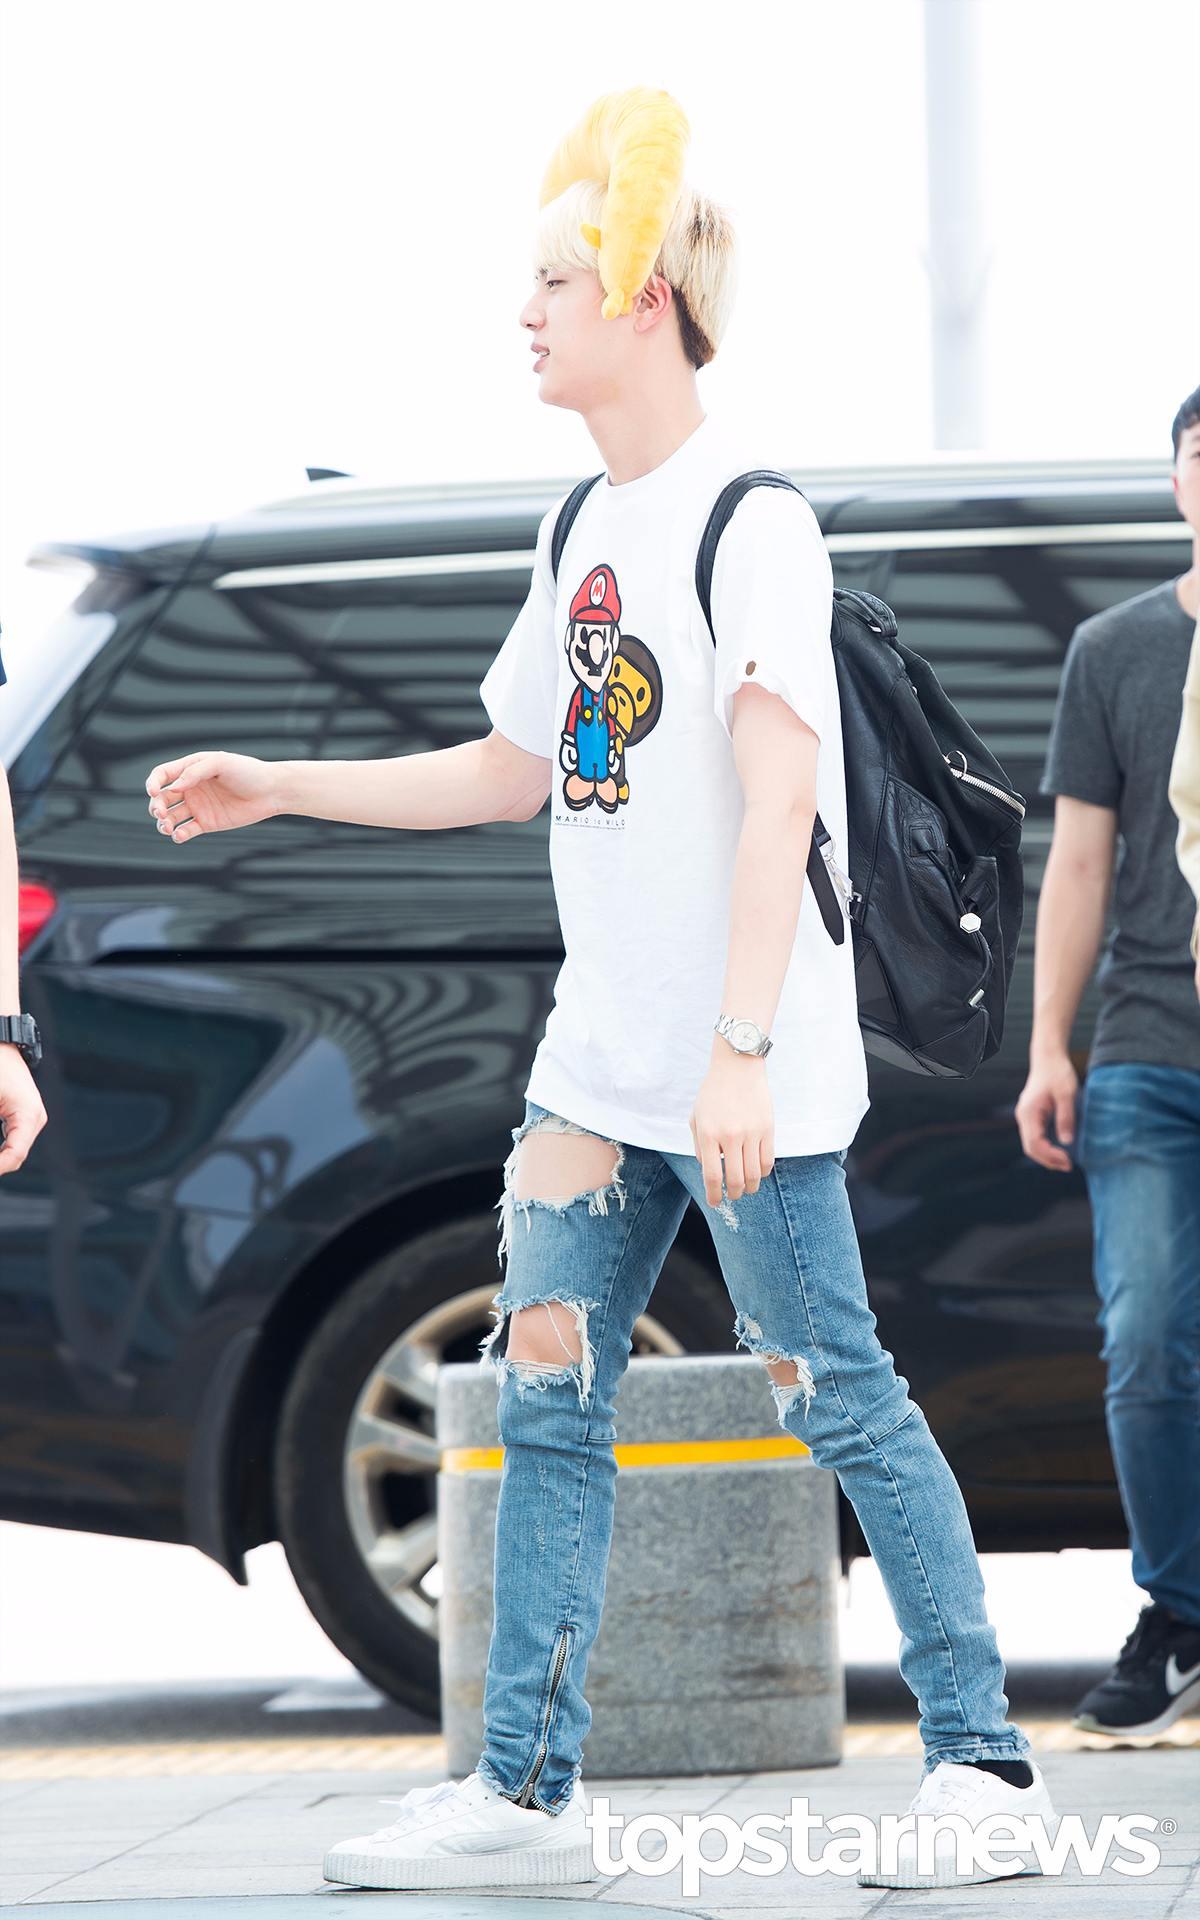 Jin 大哥Jin的這身其實很平常,只是把靠枕戴到頭上是要幹嘛?該不會就此成為新的機場時尚潮流吧!